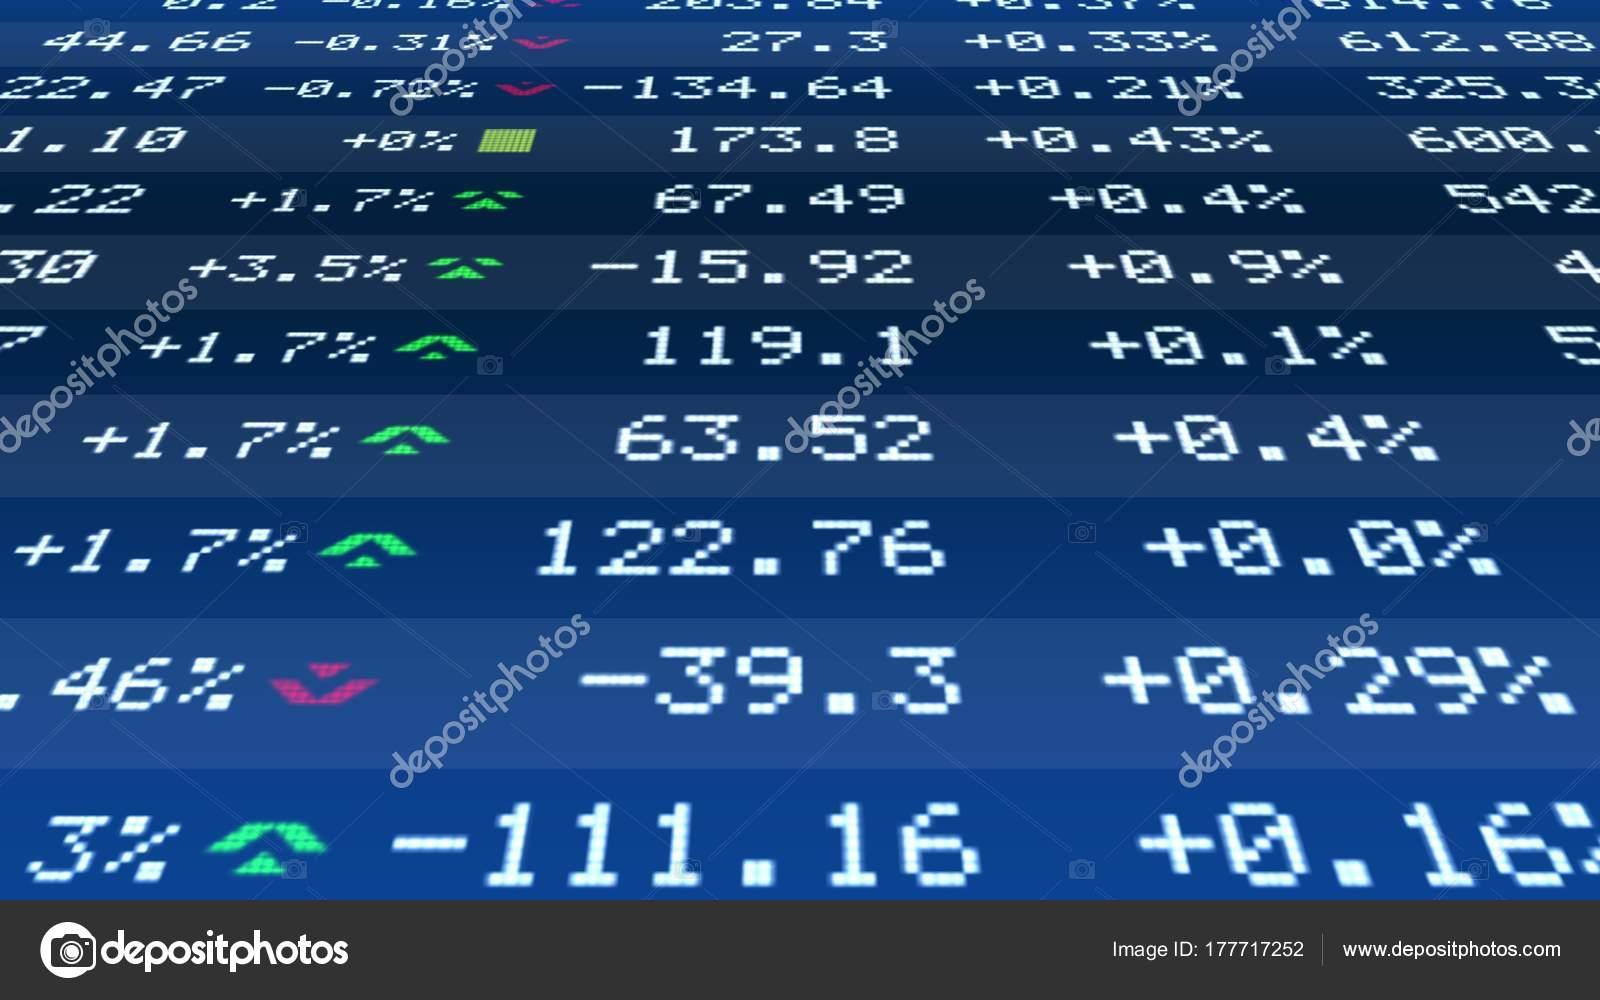 dab4e4950a Preventivo modificare dati il ticker di borsa in tempo reale, stabilità  finanziaria, business– immagine stock